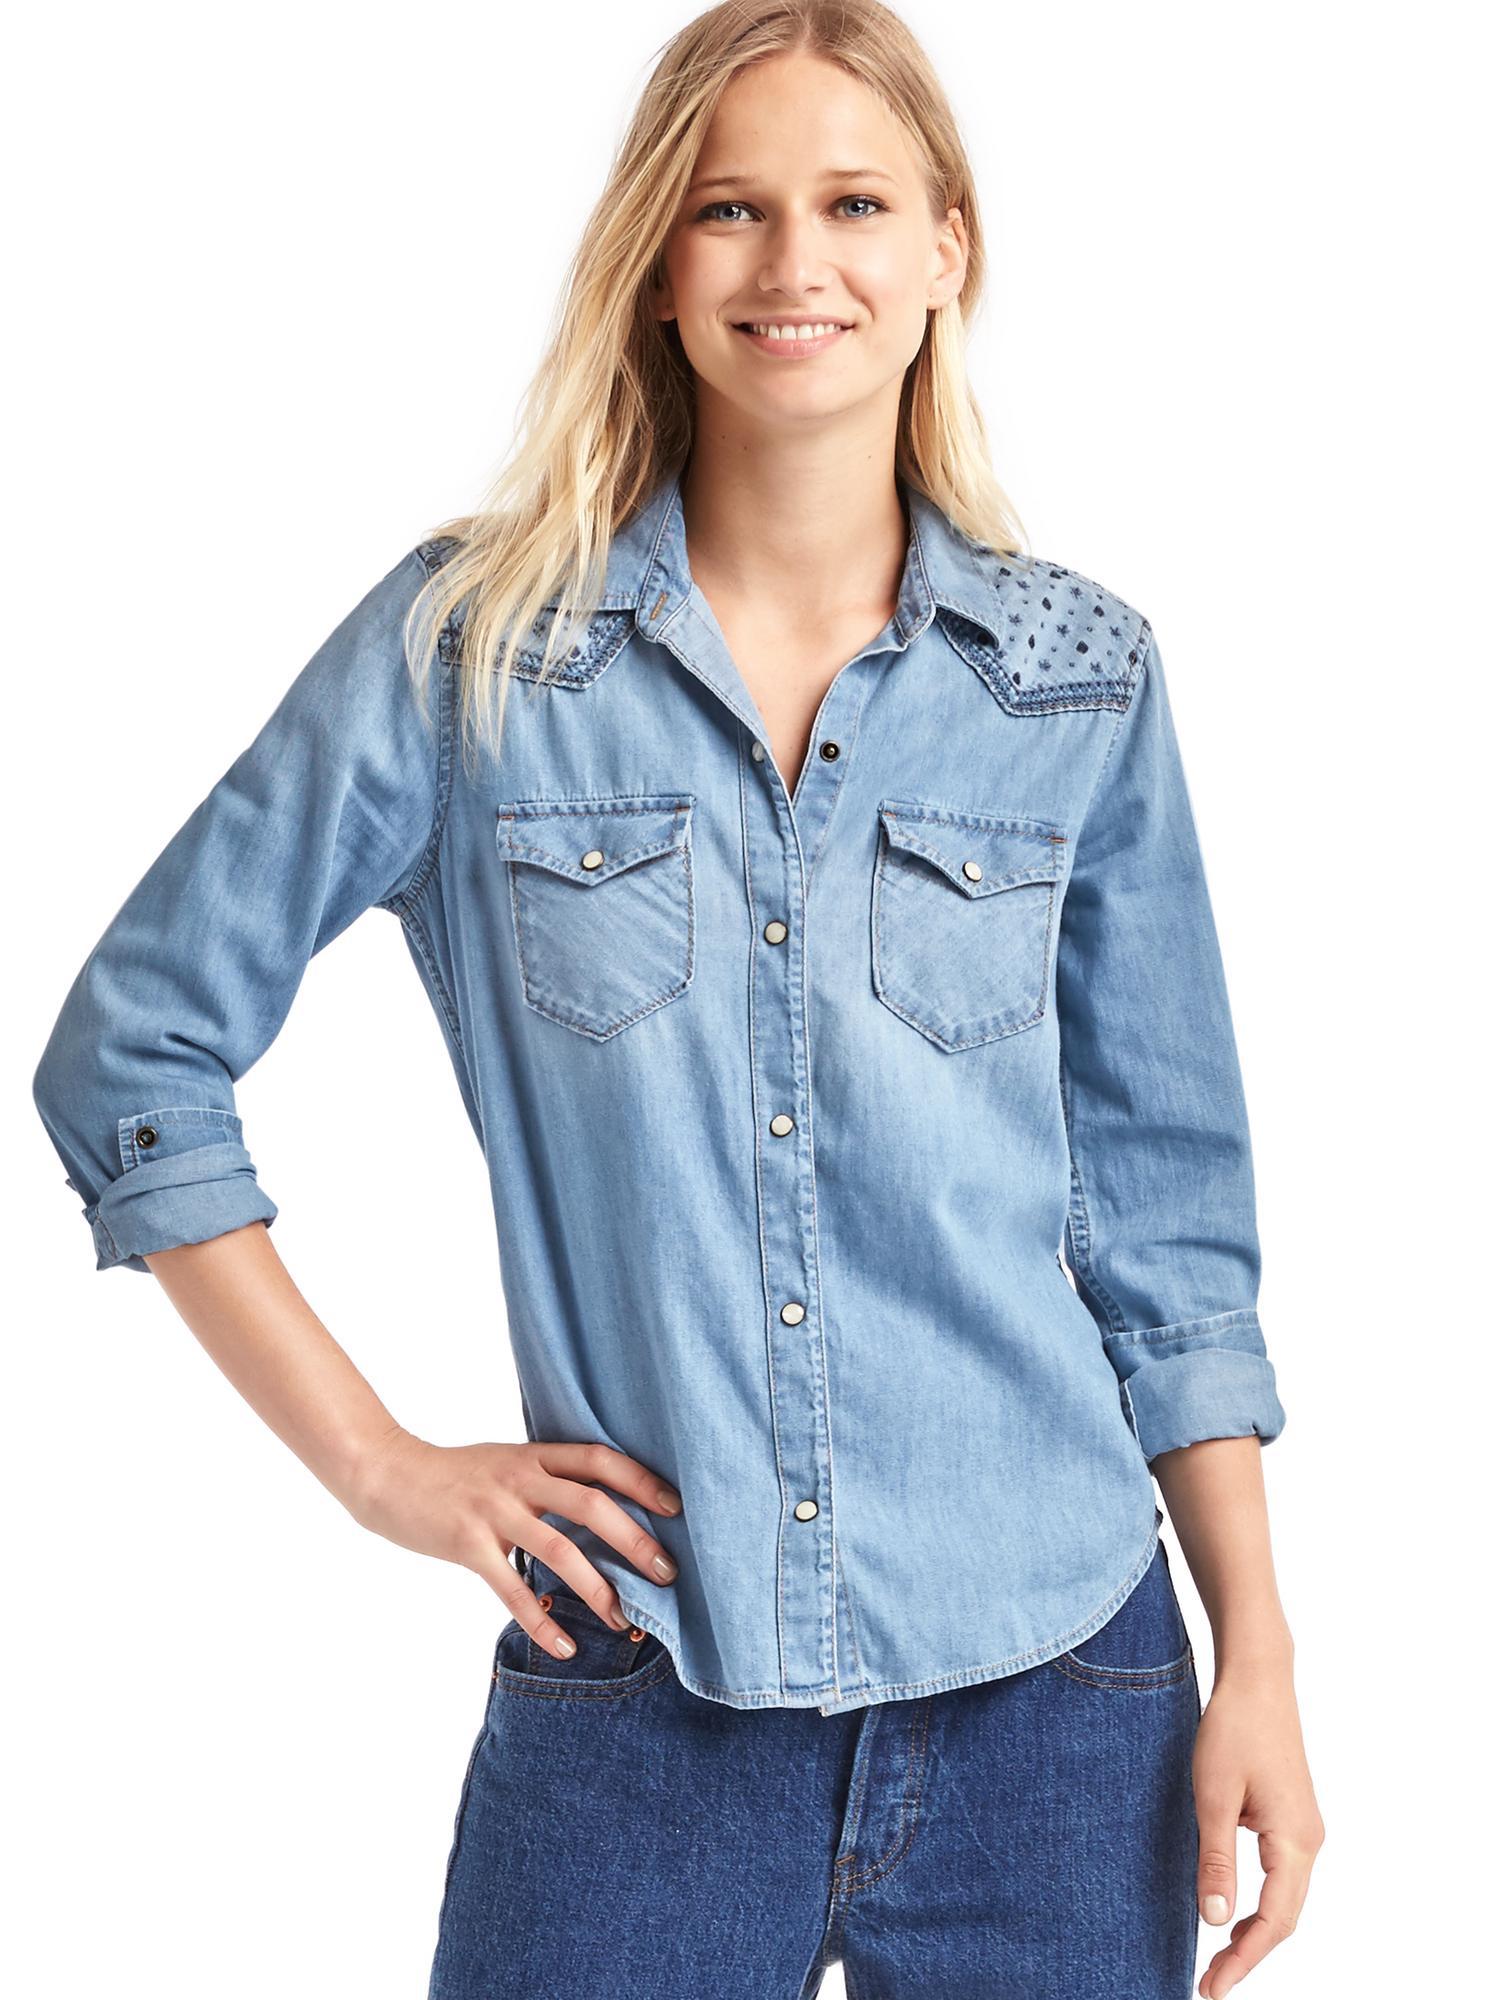 Gap 1969 Denim Embroidered Western Shirt In Blue Medium